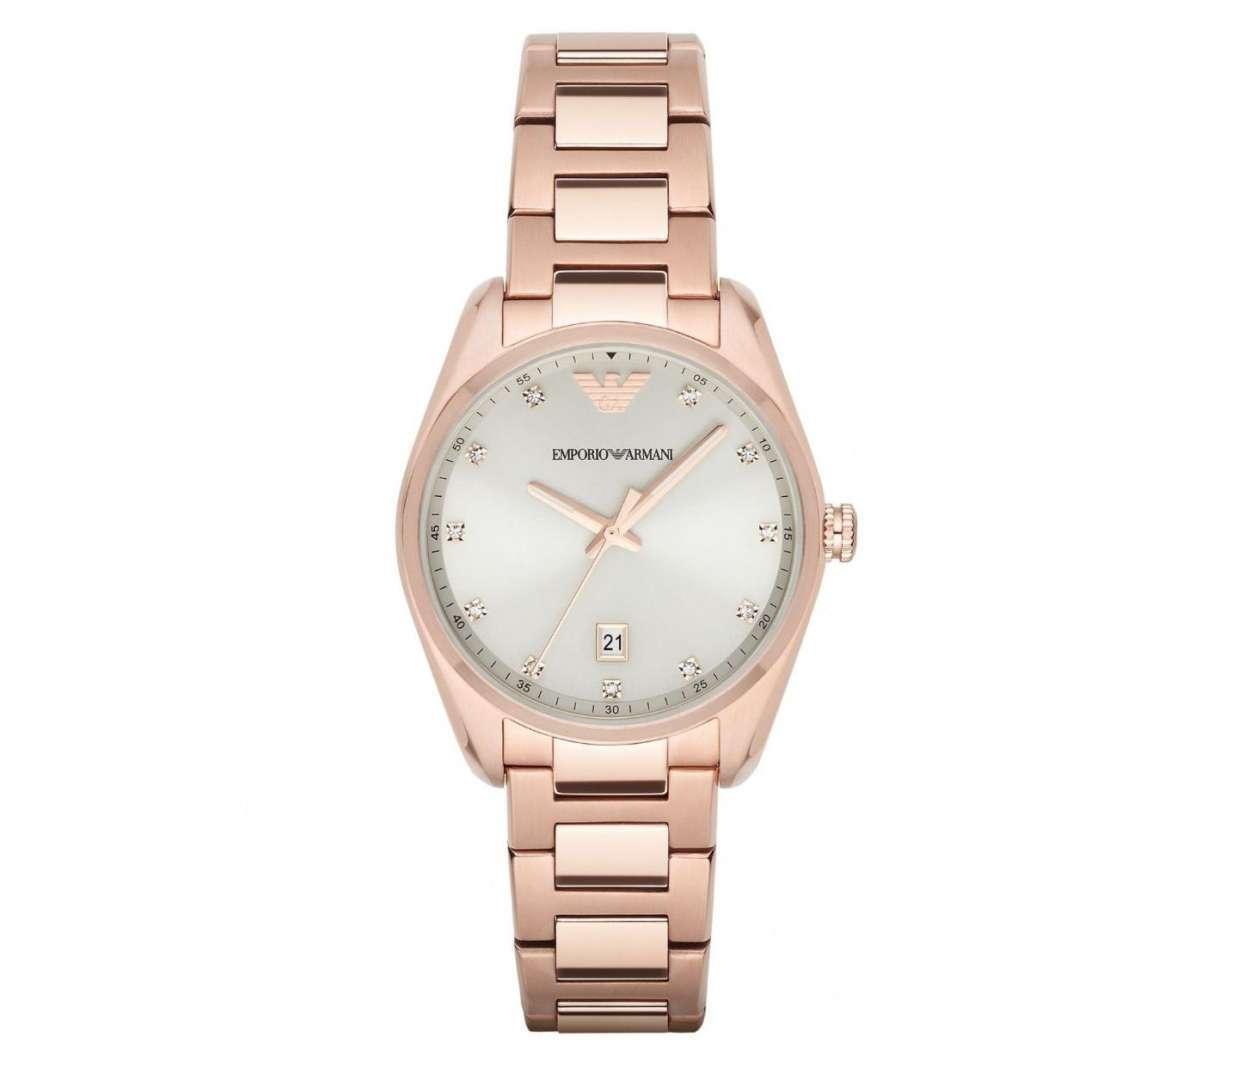 שעון יד אנלוגי לאישה emporio armani ar6065 אמפוריו ארמני